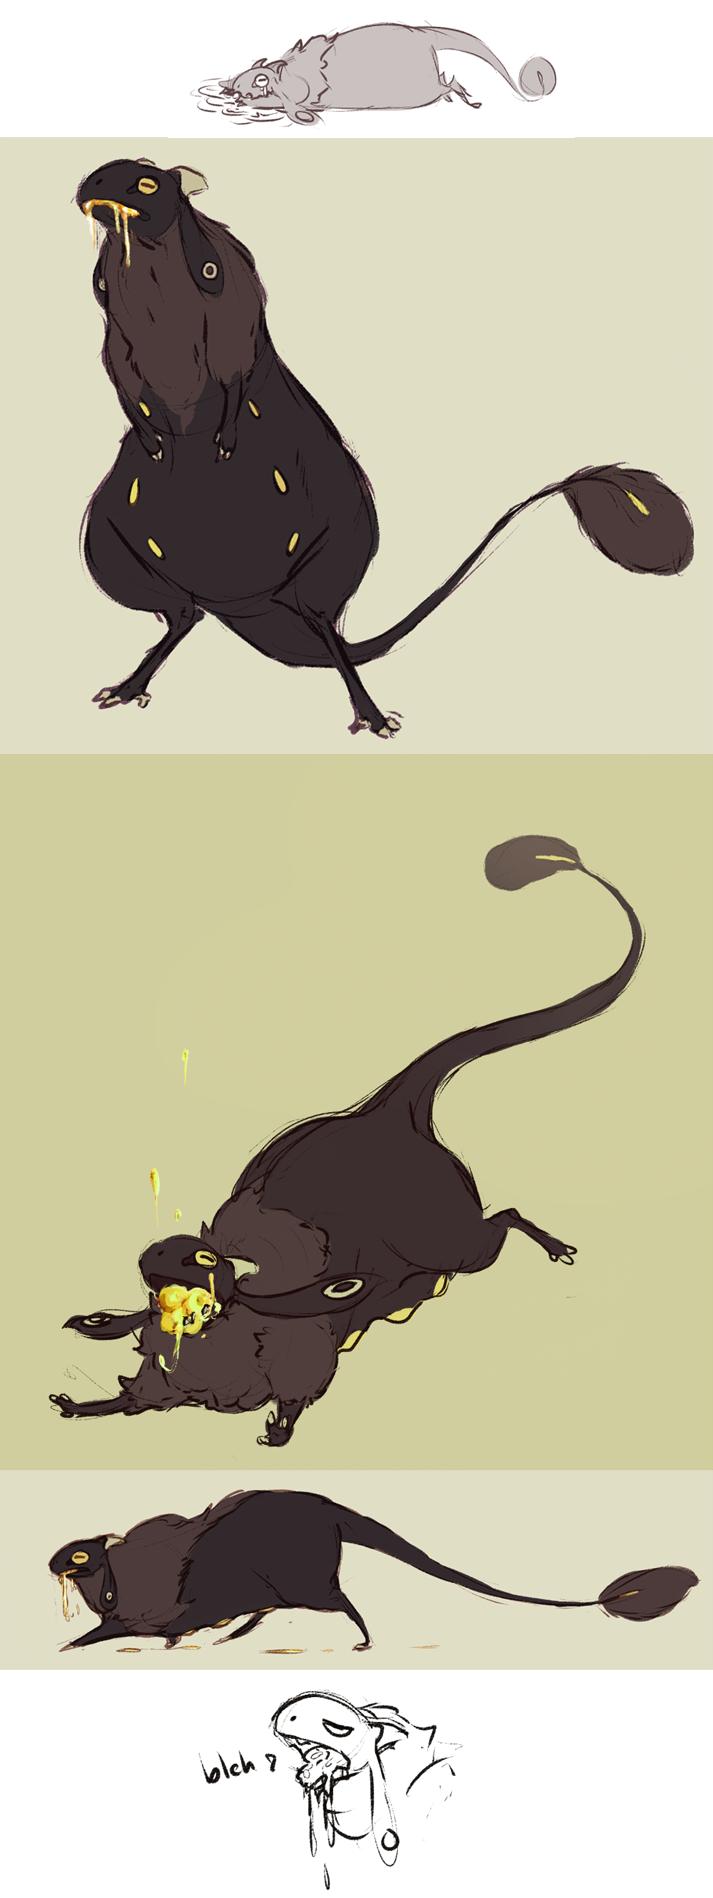 409 [sketchset]